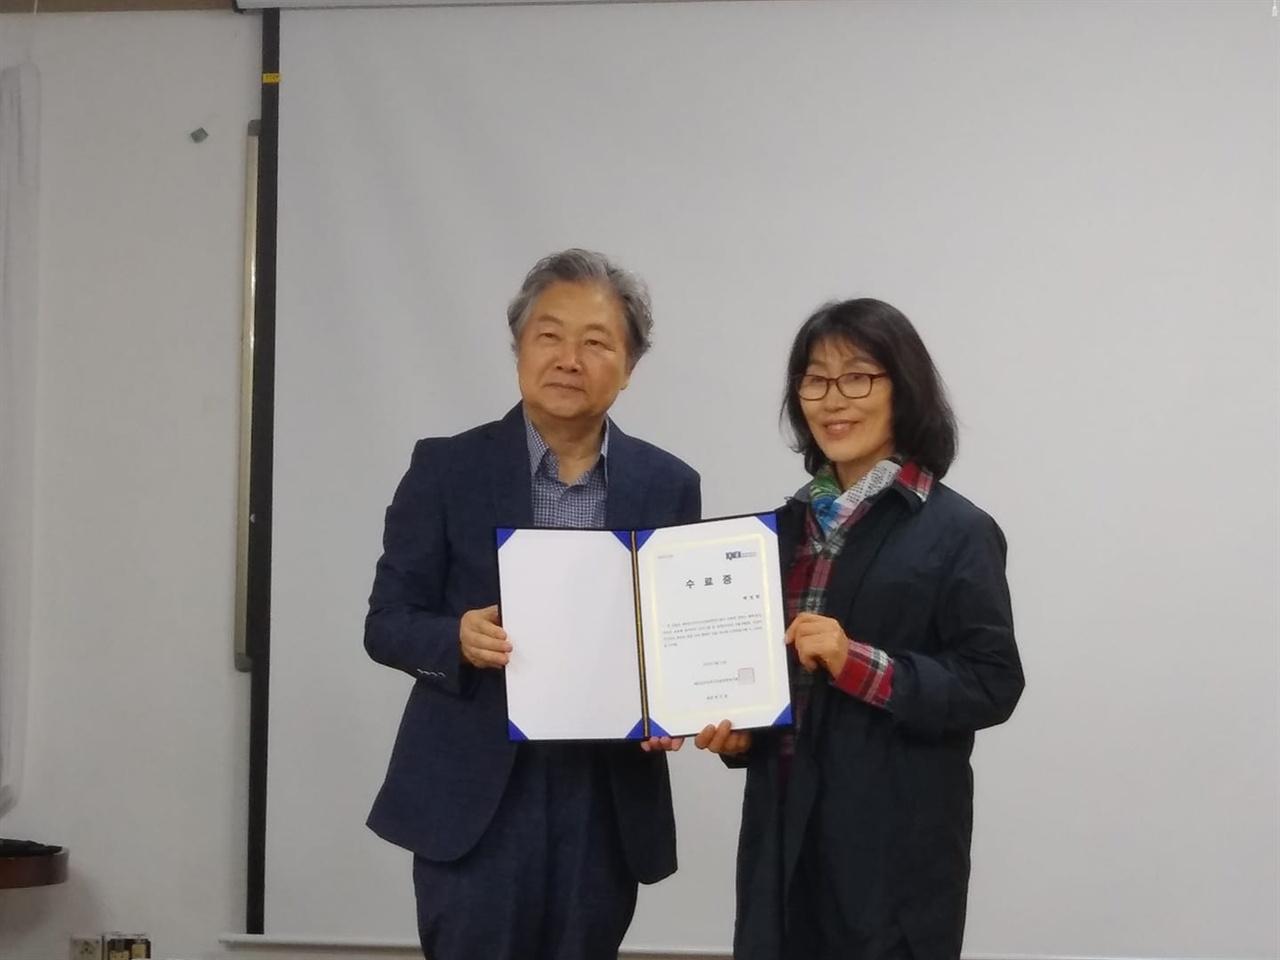 백정희 작가가 수료증을 받고 있다.  소설가 백정희씨가 평화통일학교 수료증을 받고 있다.